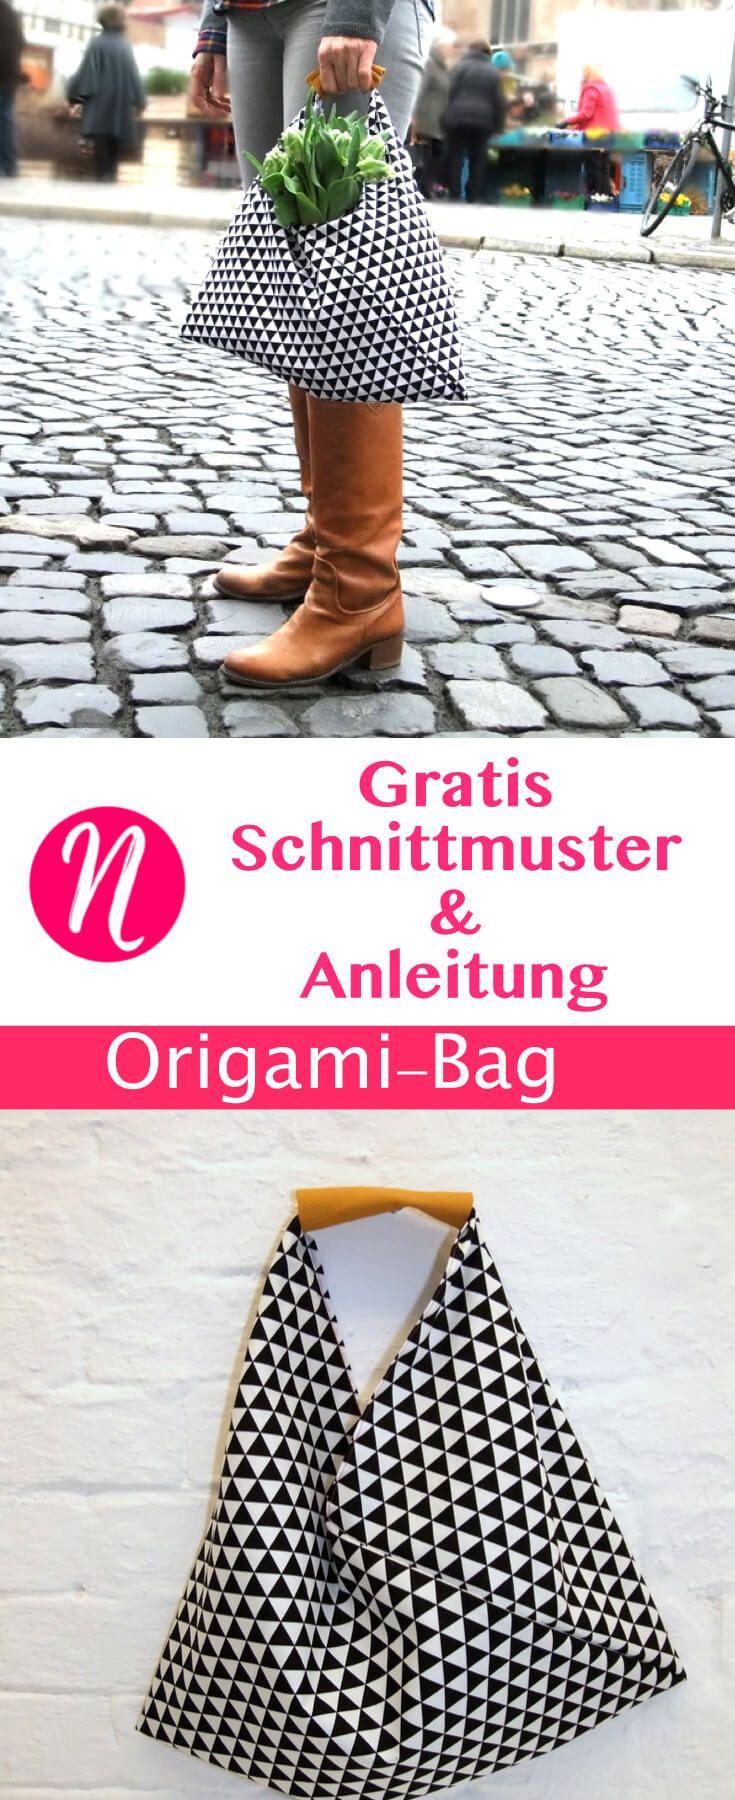 Origami-Bag - genäht in nur 30 Minuten | Origami-tasche, Selber ...